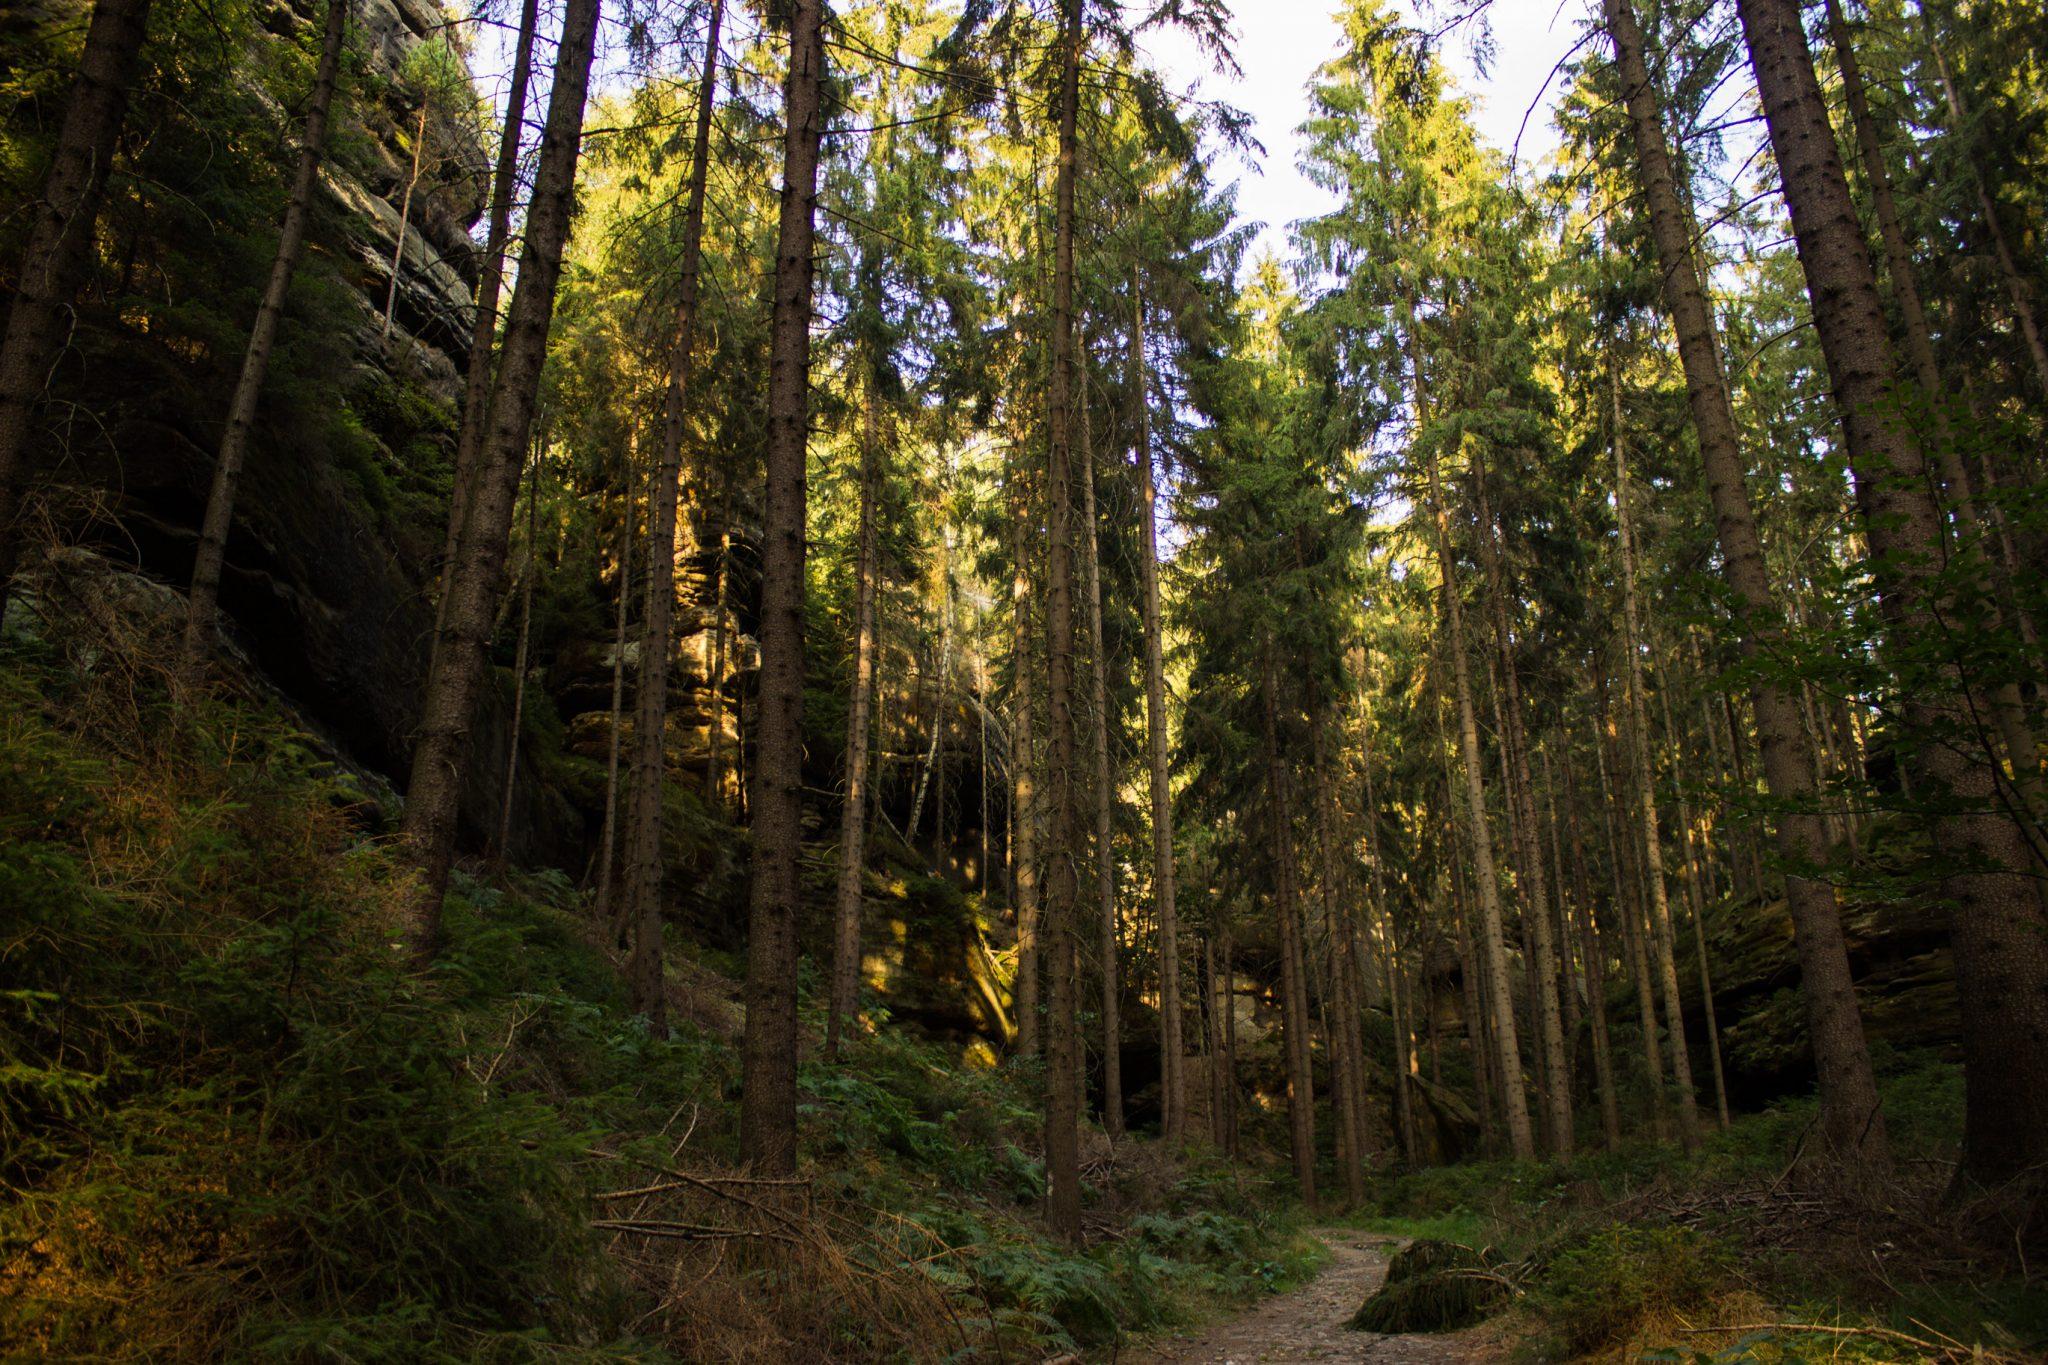 Hohe Liebe Schrammsteine Carolafelsen, Wanderweg im Wanderparadies Sächsische Schweiz mit vielen tollen Aussichten, riesiger Felsennationalpark, schöne Lichtstimmung im Wald